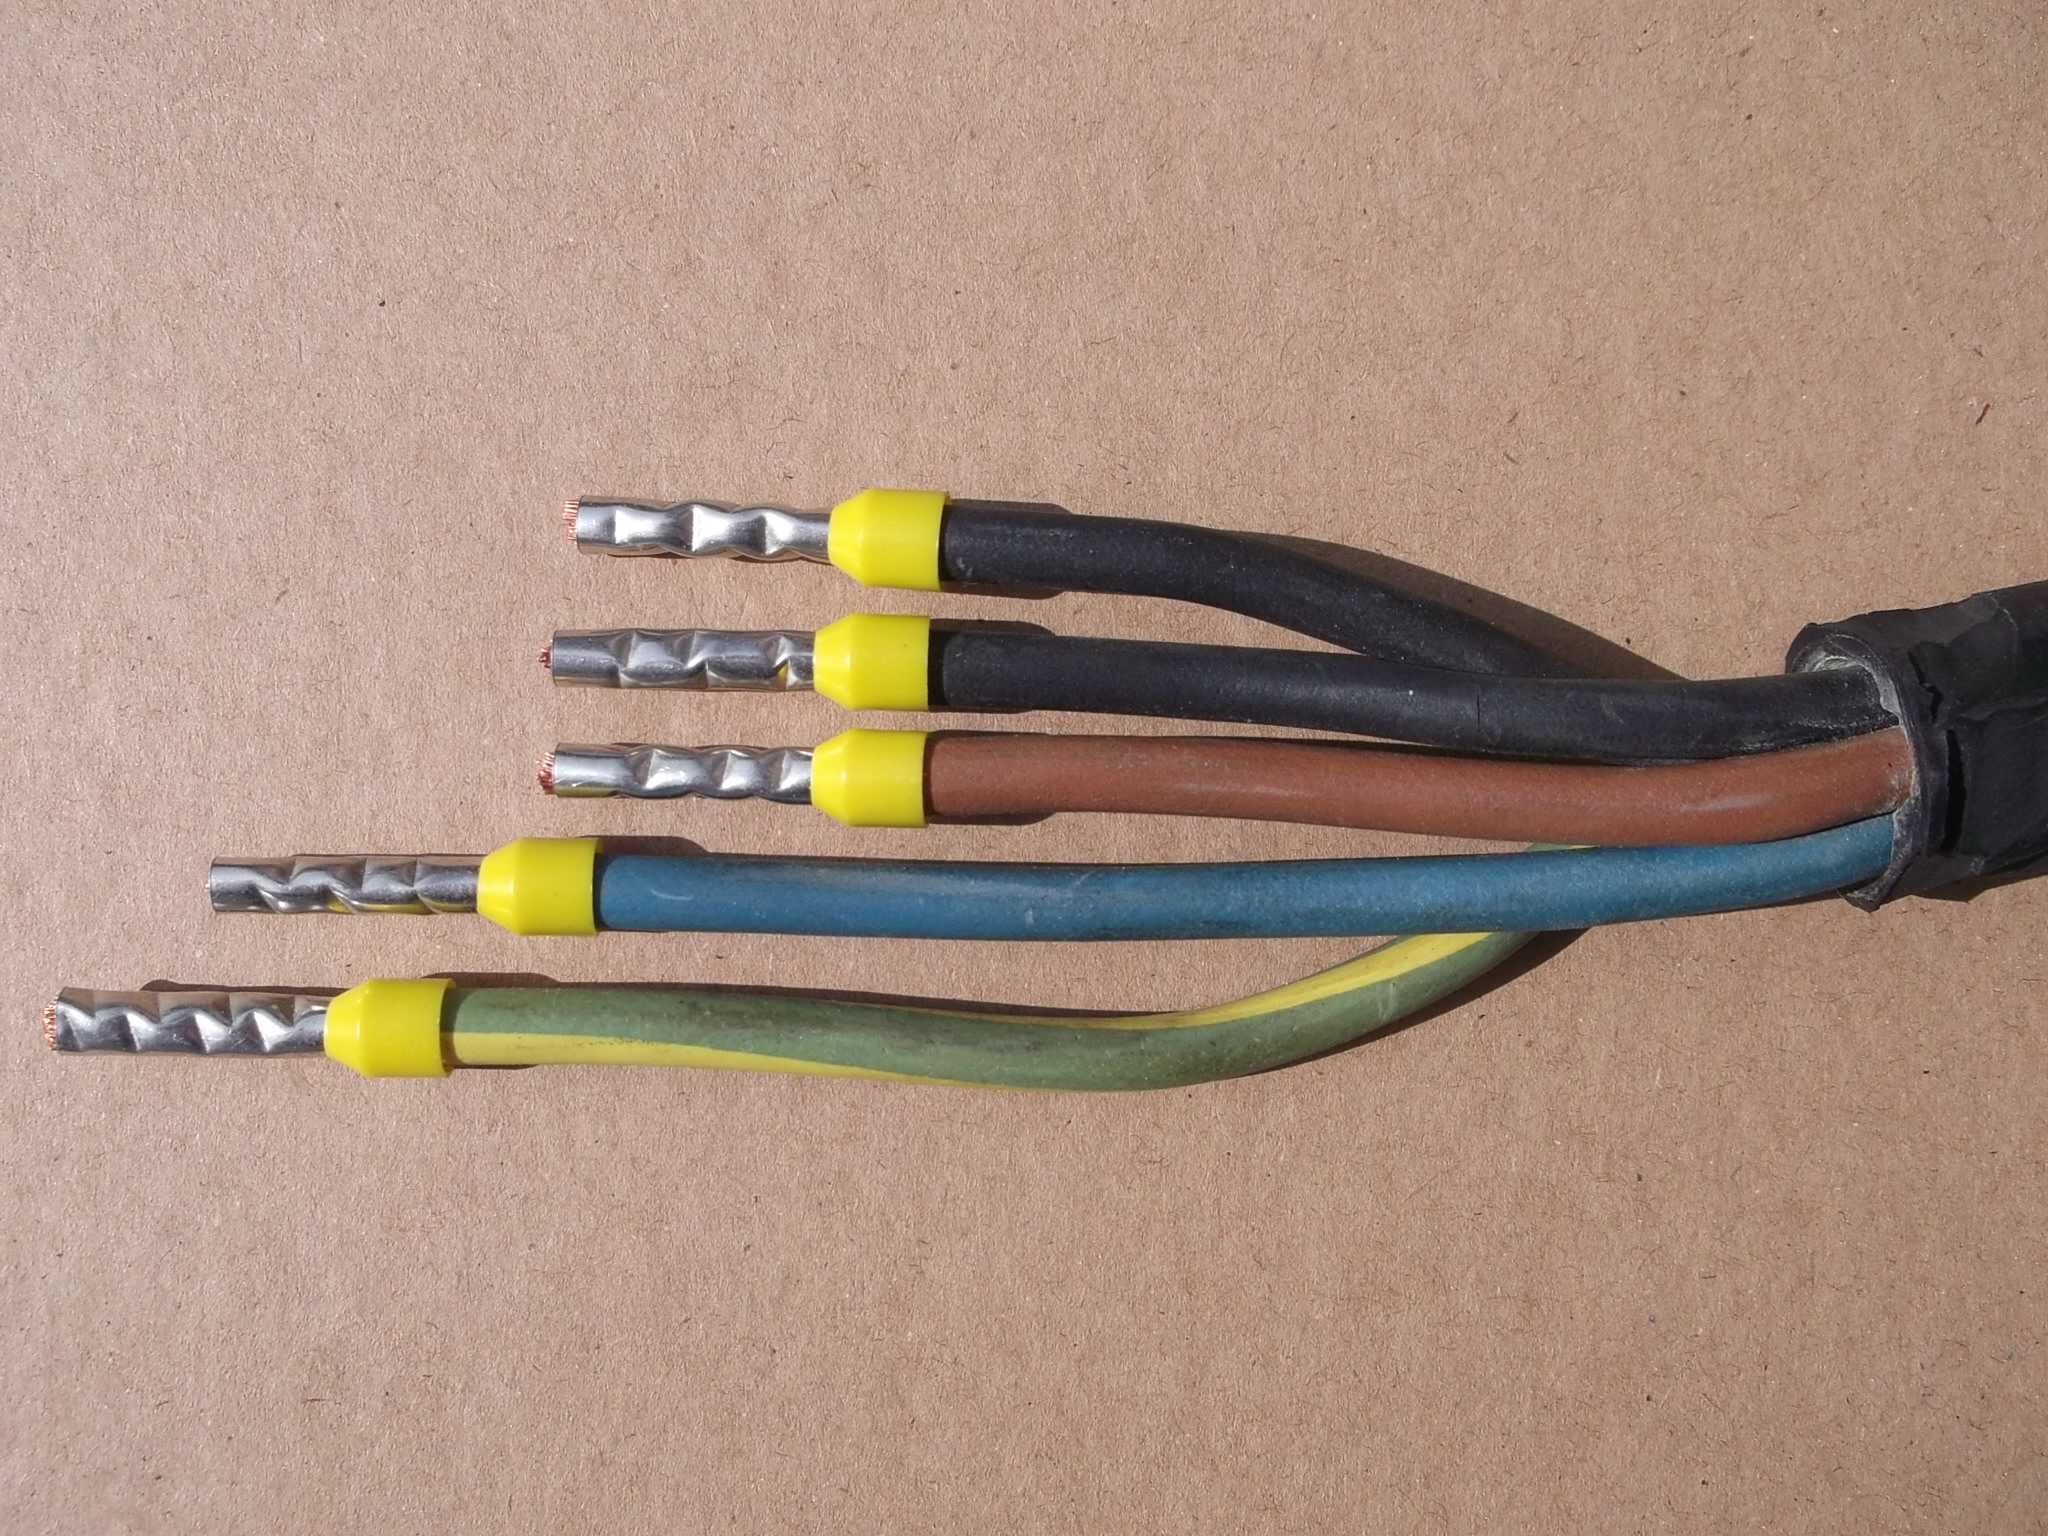 Gummischlauchleitung H07RN-F 5G6 abgesetzt und vorbereitet mit Aderendhülsen für den Anschluss einer CEE Steckverbindung